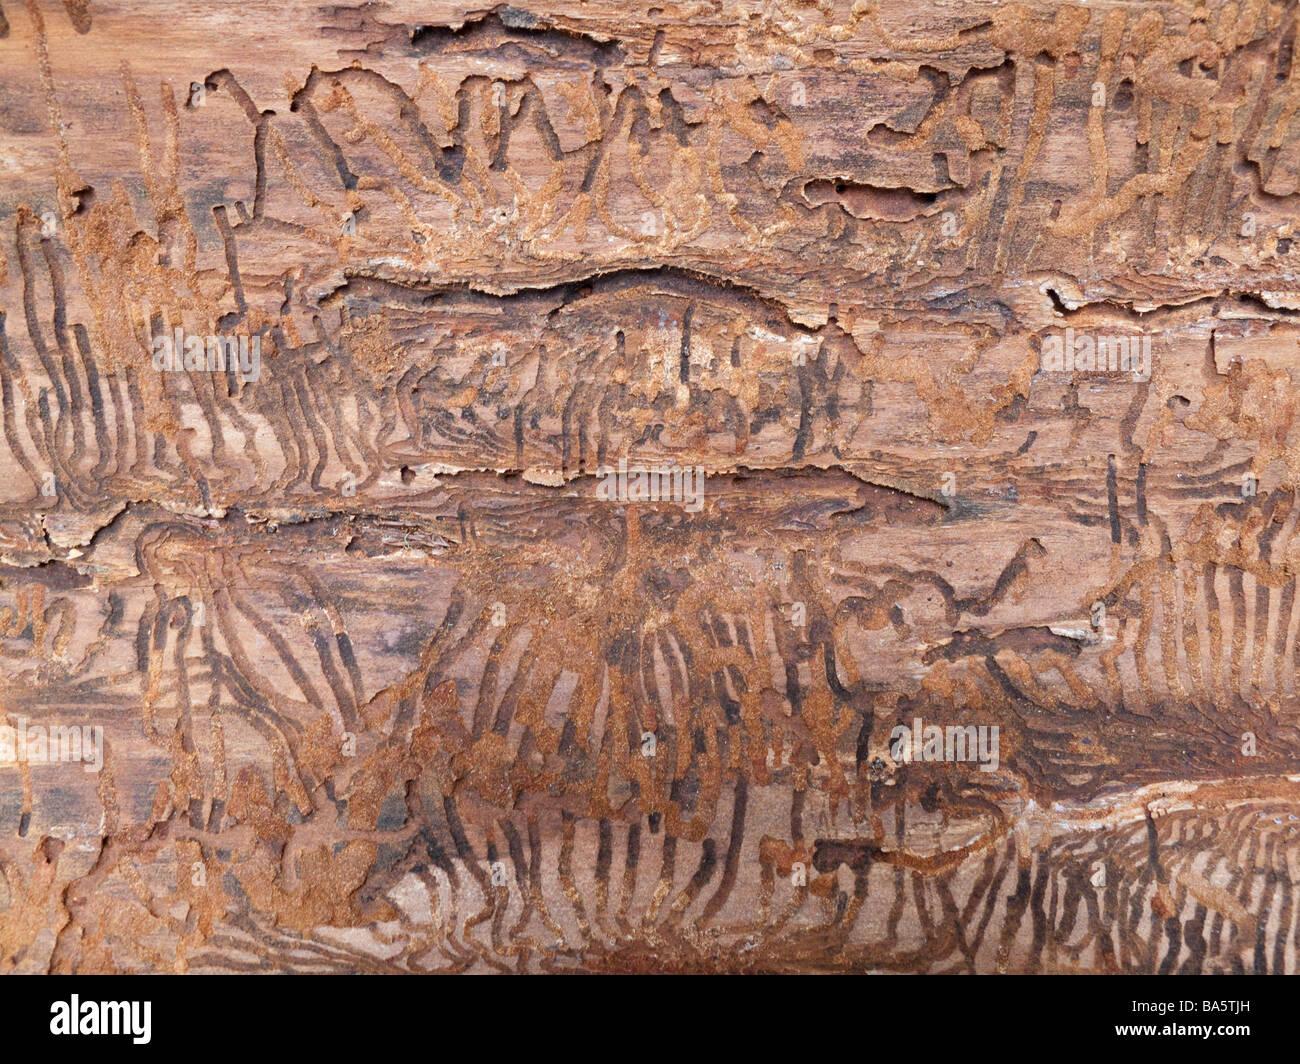 Tracks in bark from Douglas fir Bark Beetle - Stock Image